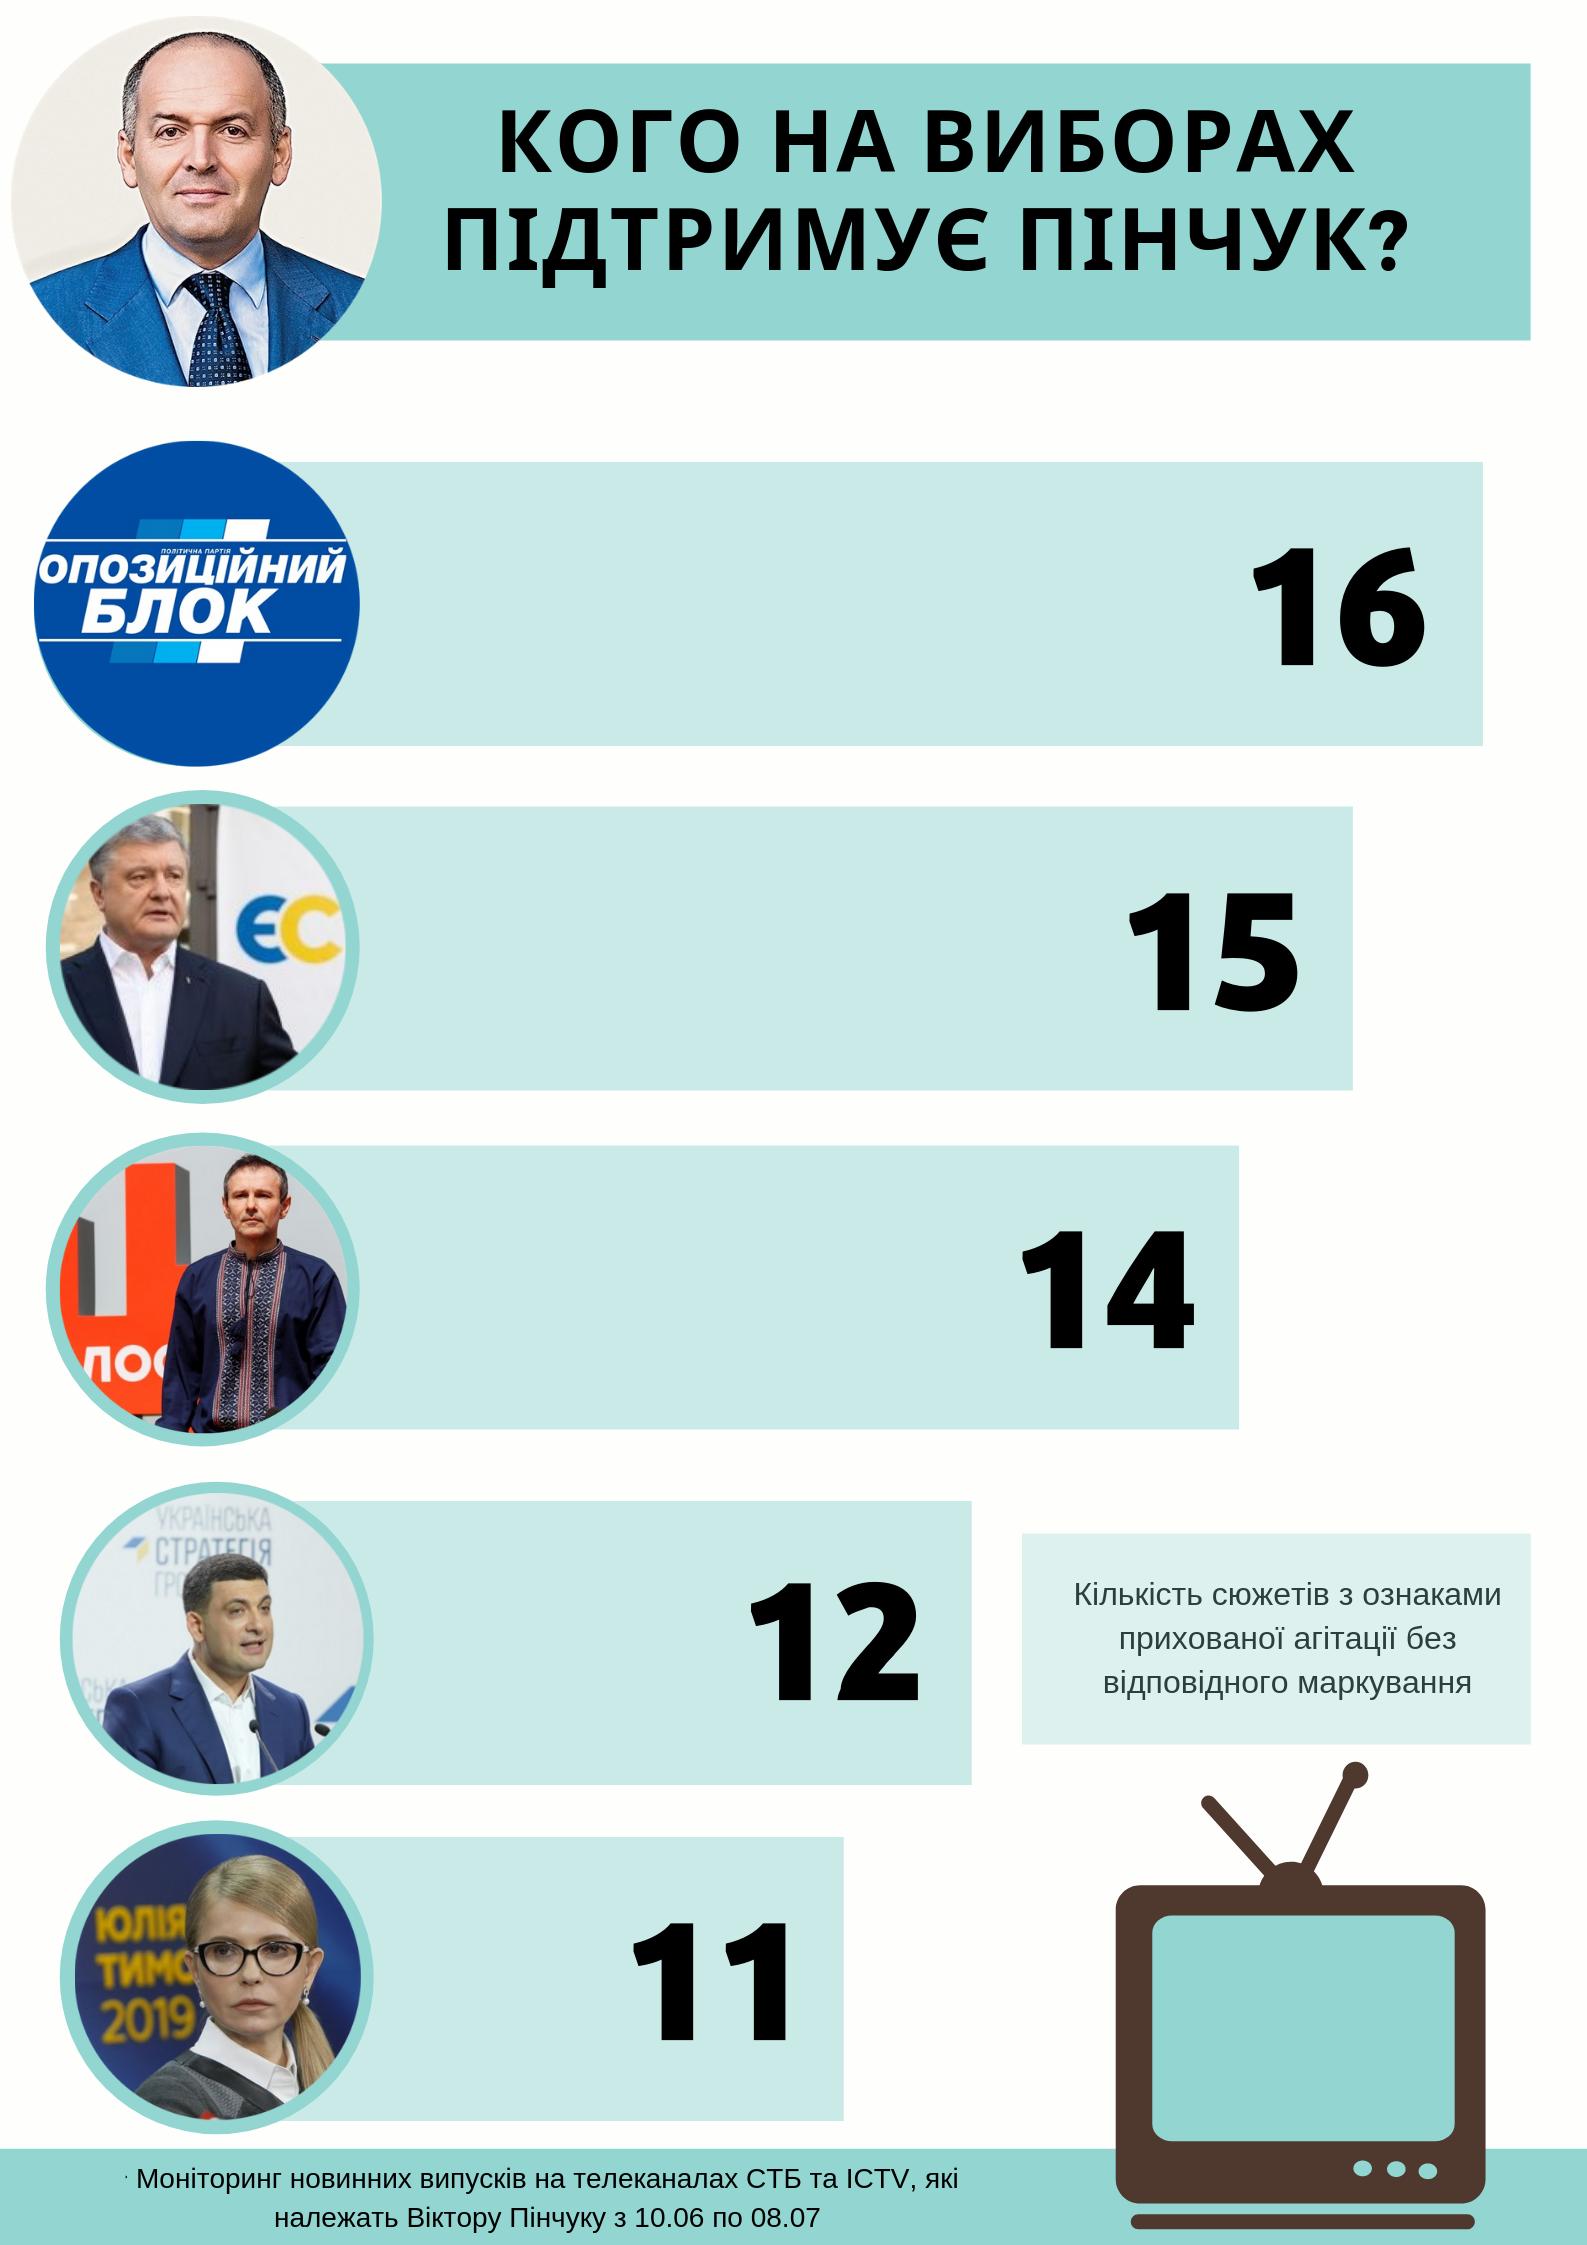 Кого на виборах підтримує Пінчук